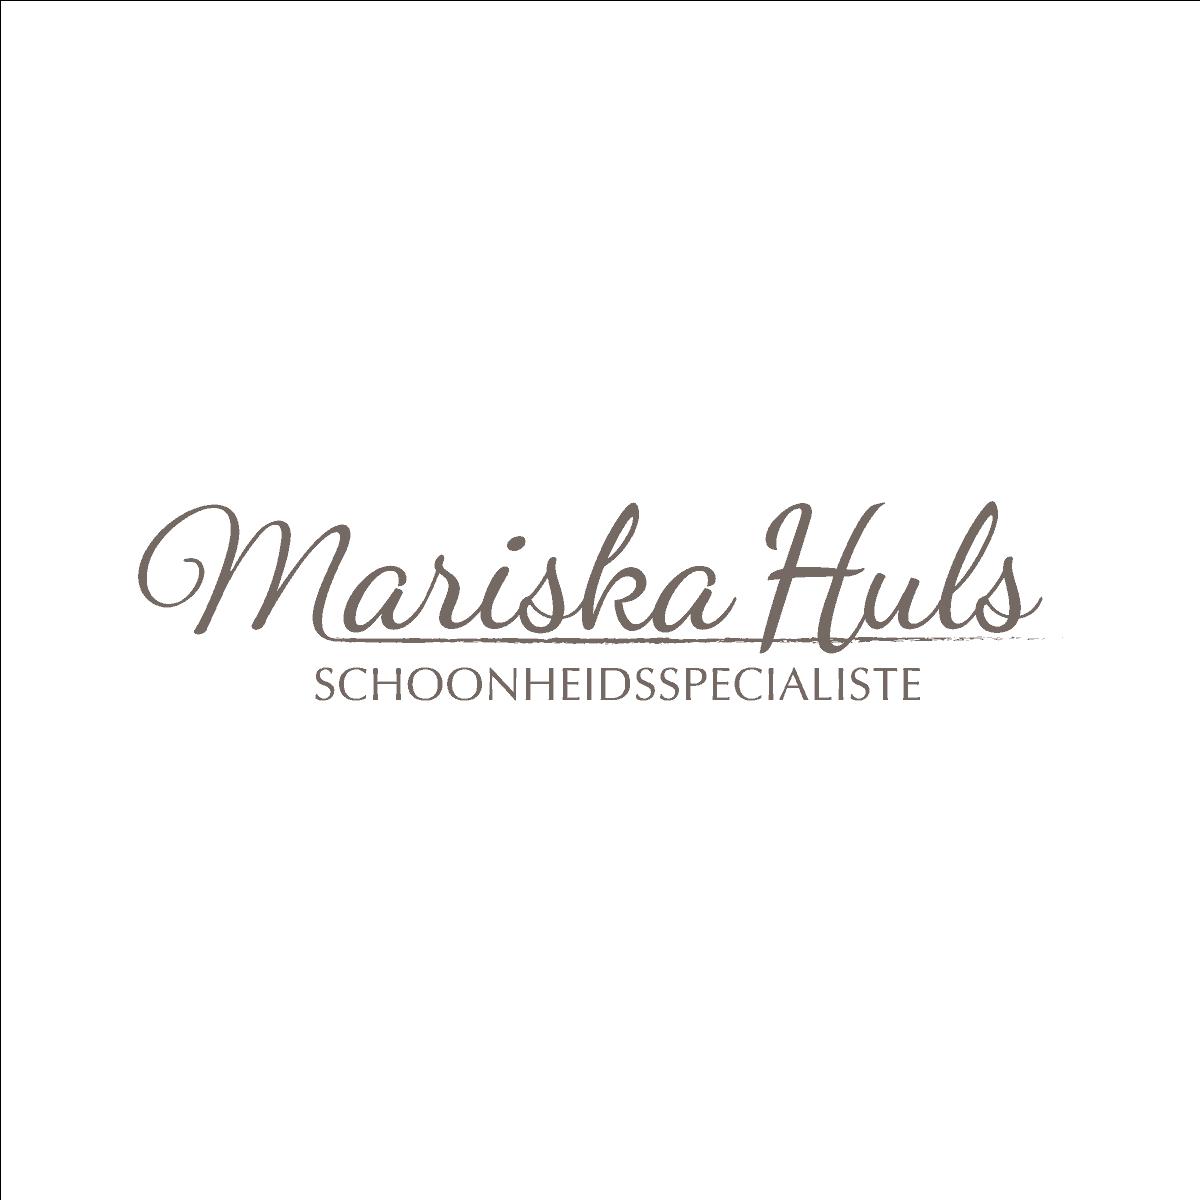 logo-ontwerp-mariska-huls-schoonheidsspecialiste-burobedenkt